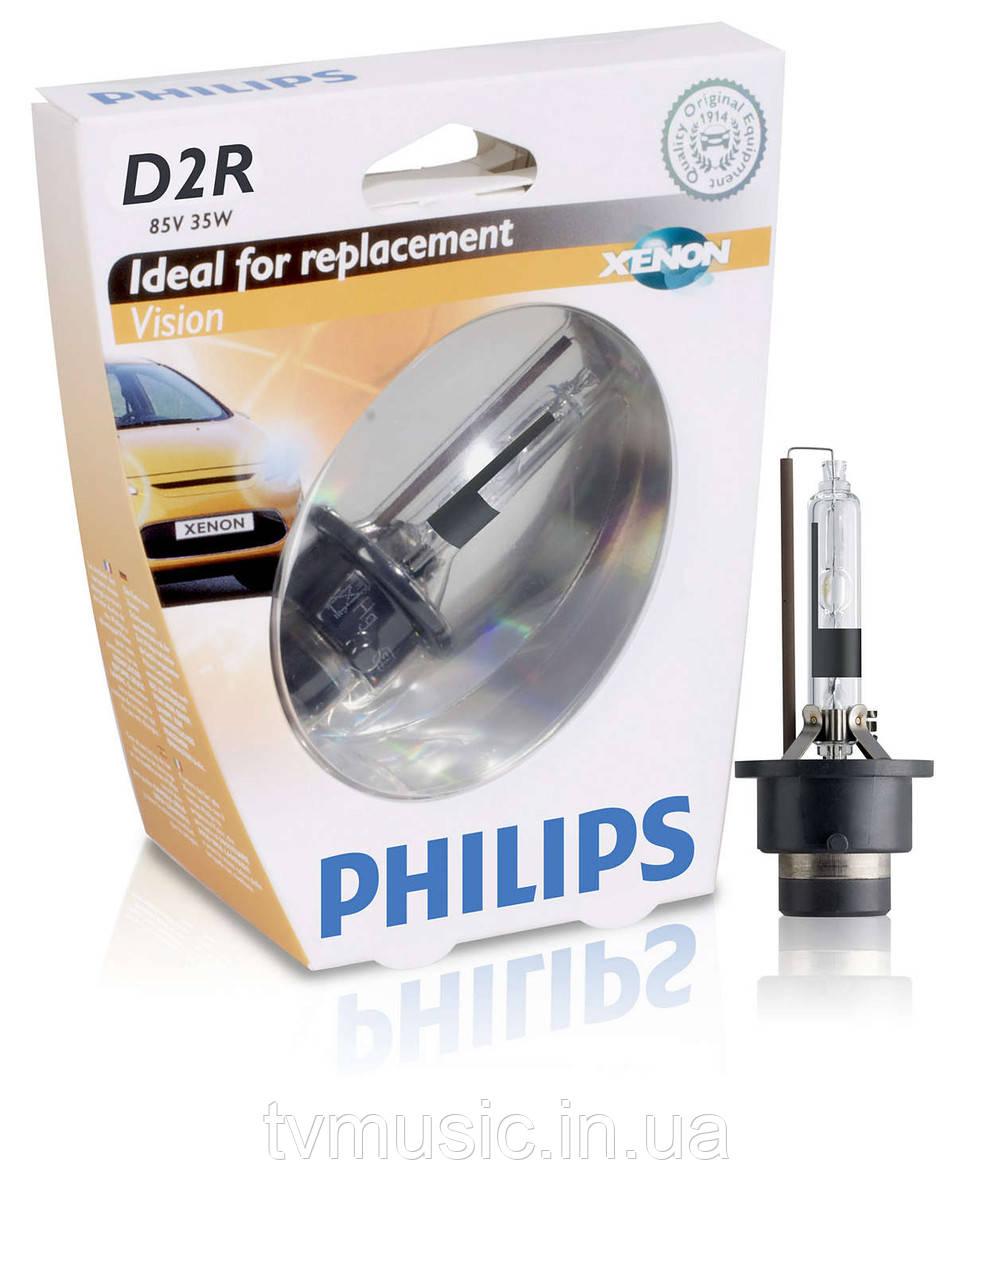 Ксеноновая лампа Philips Xenon Vision D2R 85V 35W (85126VIS1)